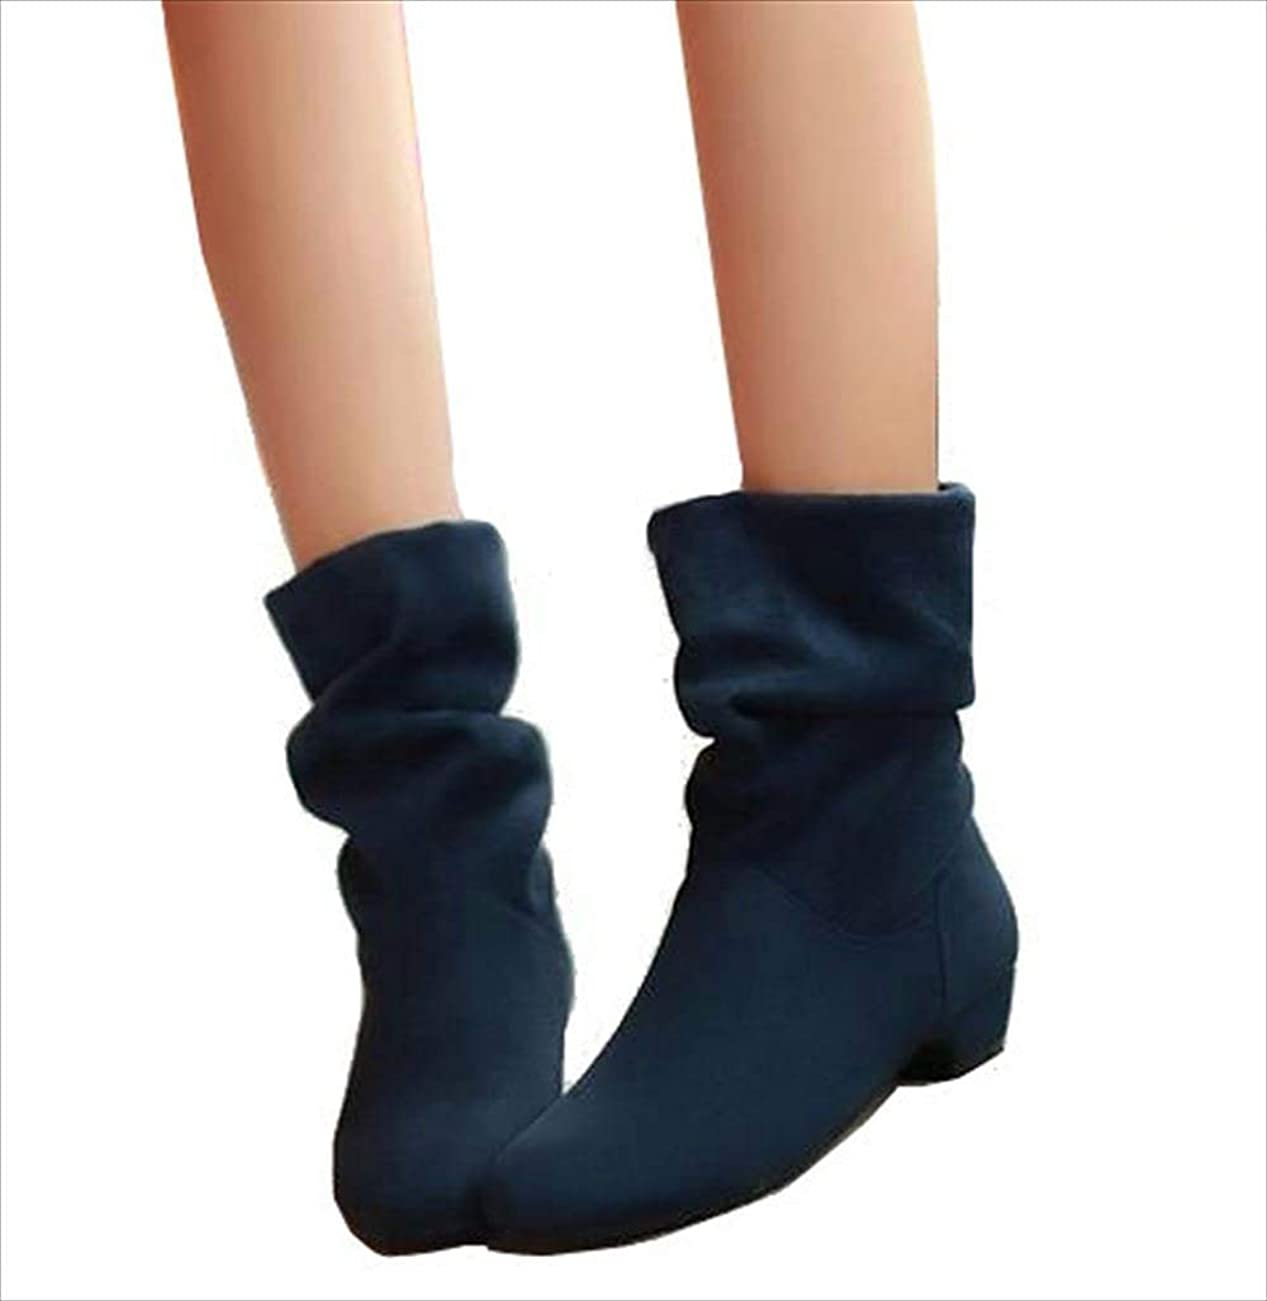 広告大工じゃないくしゅくしゅ スエード素材 ショート ブーツ シンプル デザイン レディース ブーティ 22.5cm-25cm 黒 青 赤 (ブルー, 25.0cm)